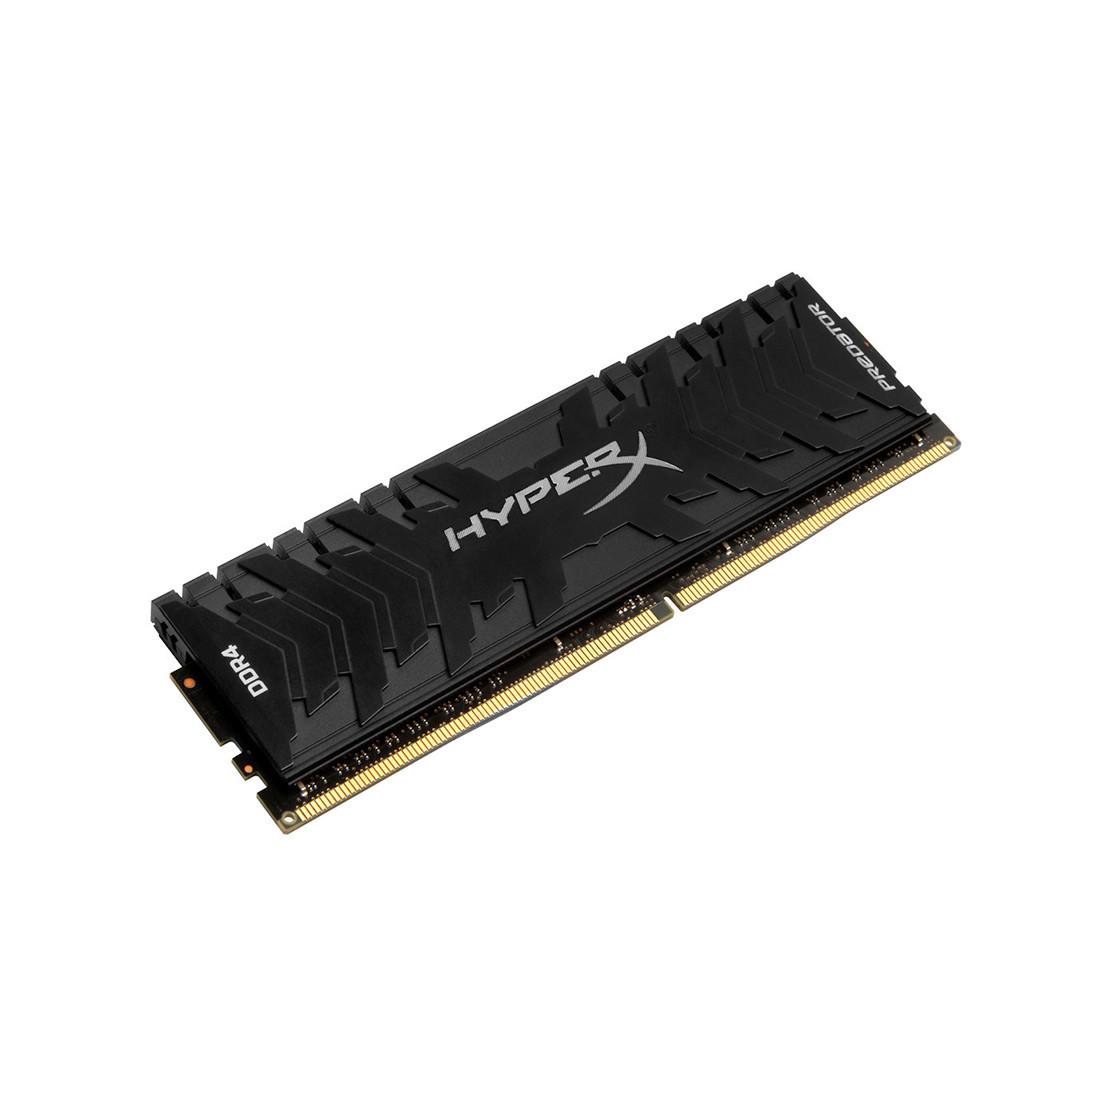 Модуль памяти  Kingston  HX433C16PB3/16  DDR4  16GB  DIMM